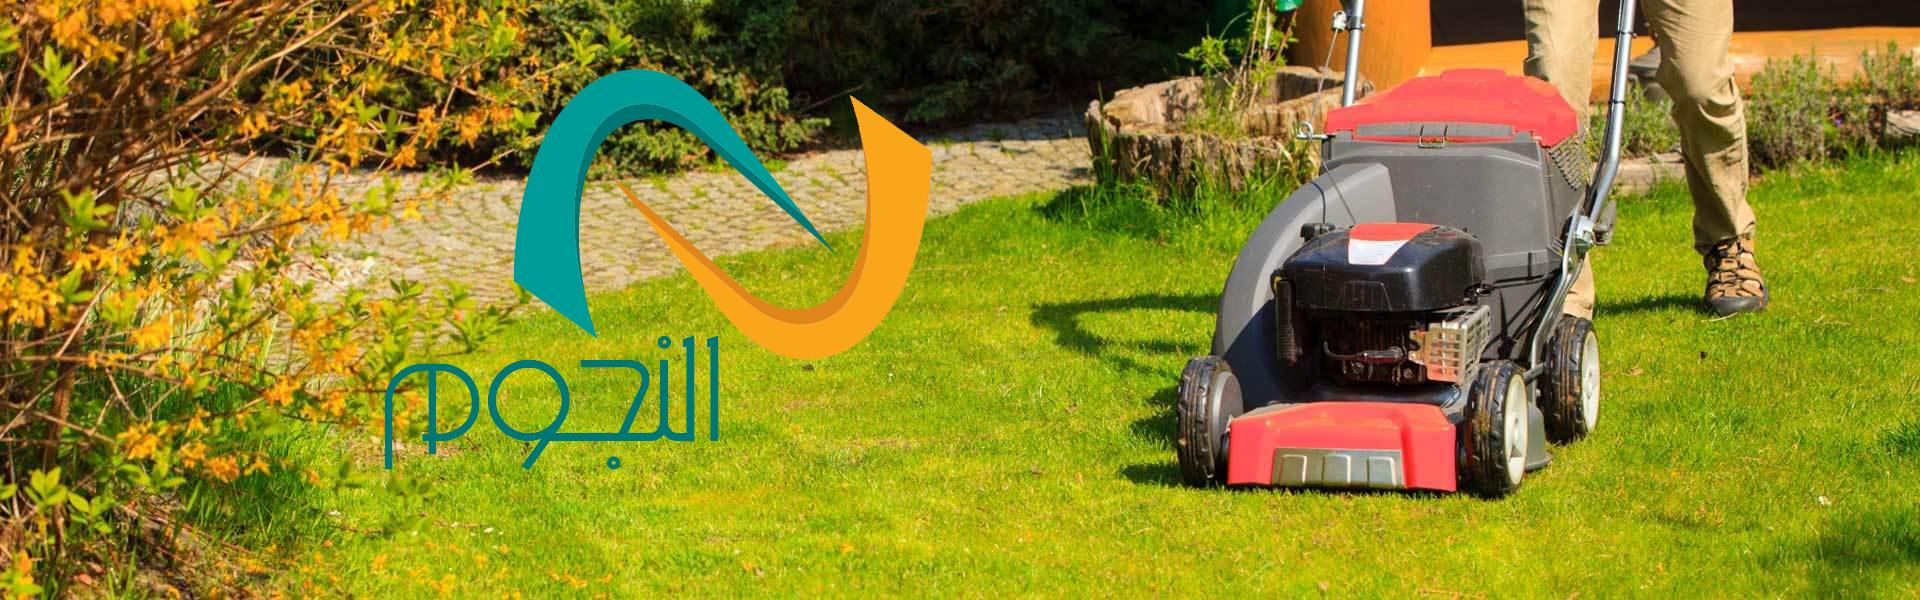 534fd2578 شركة تنسيق حدائق بالطائف - 0531301112 عشب صناعى | شركة النجوم